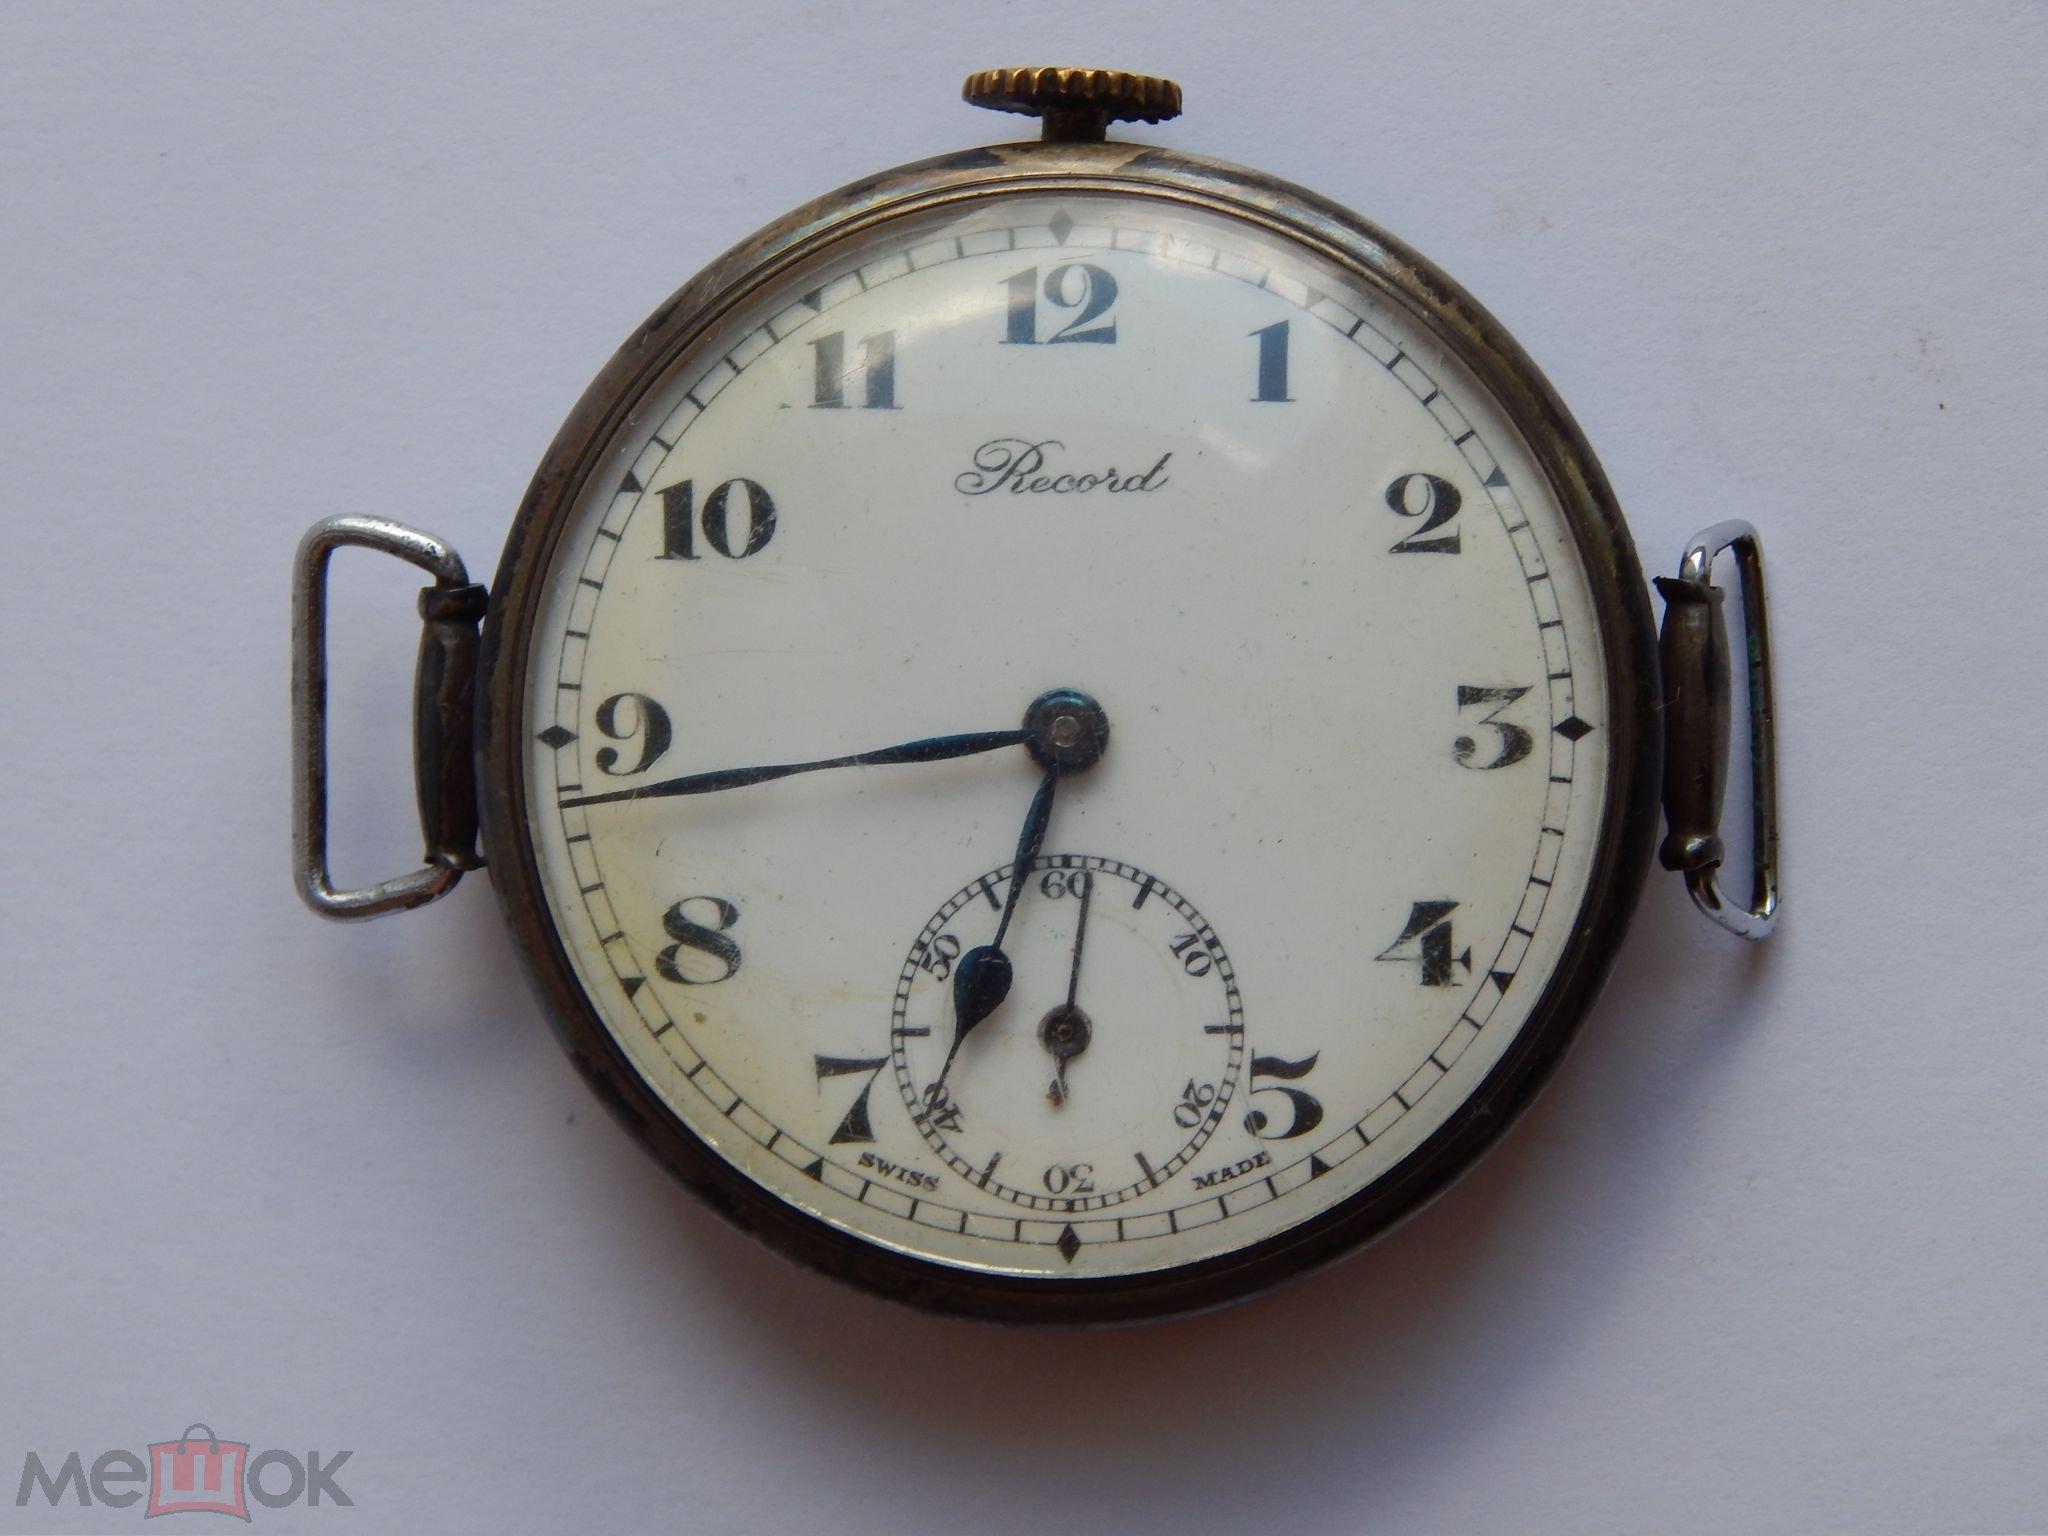 Вы написали что я взял фото из интернета,хочу вас заверить,что это не так,часы находятся не у меня,и принадлежат не мне,а так как друг не сведущ в пространстве мирового интернета,но изъявляет желание узнать -подделка это или нет,обращается ко мне,высылаю вам новые фото механизма https.